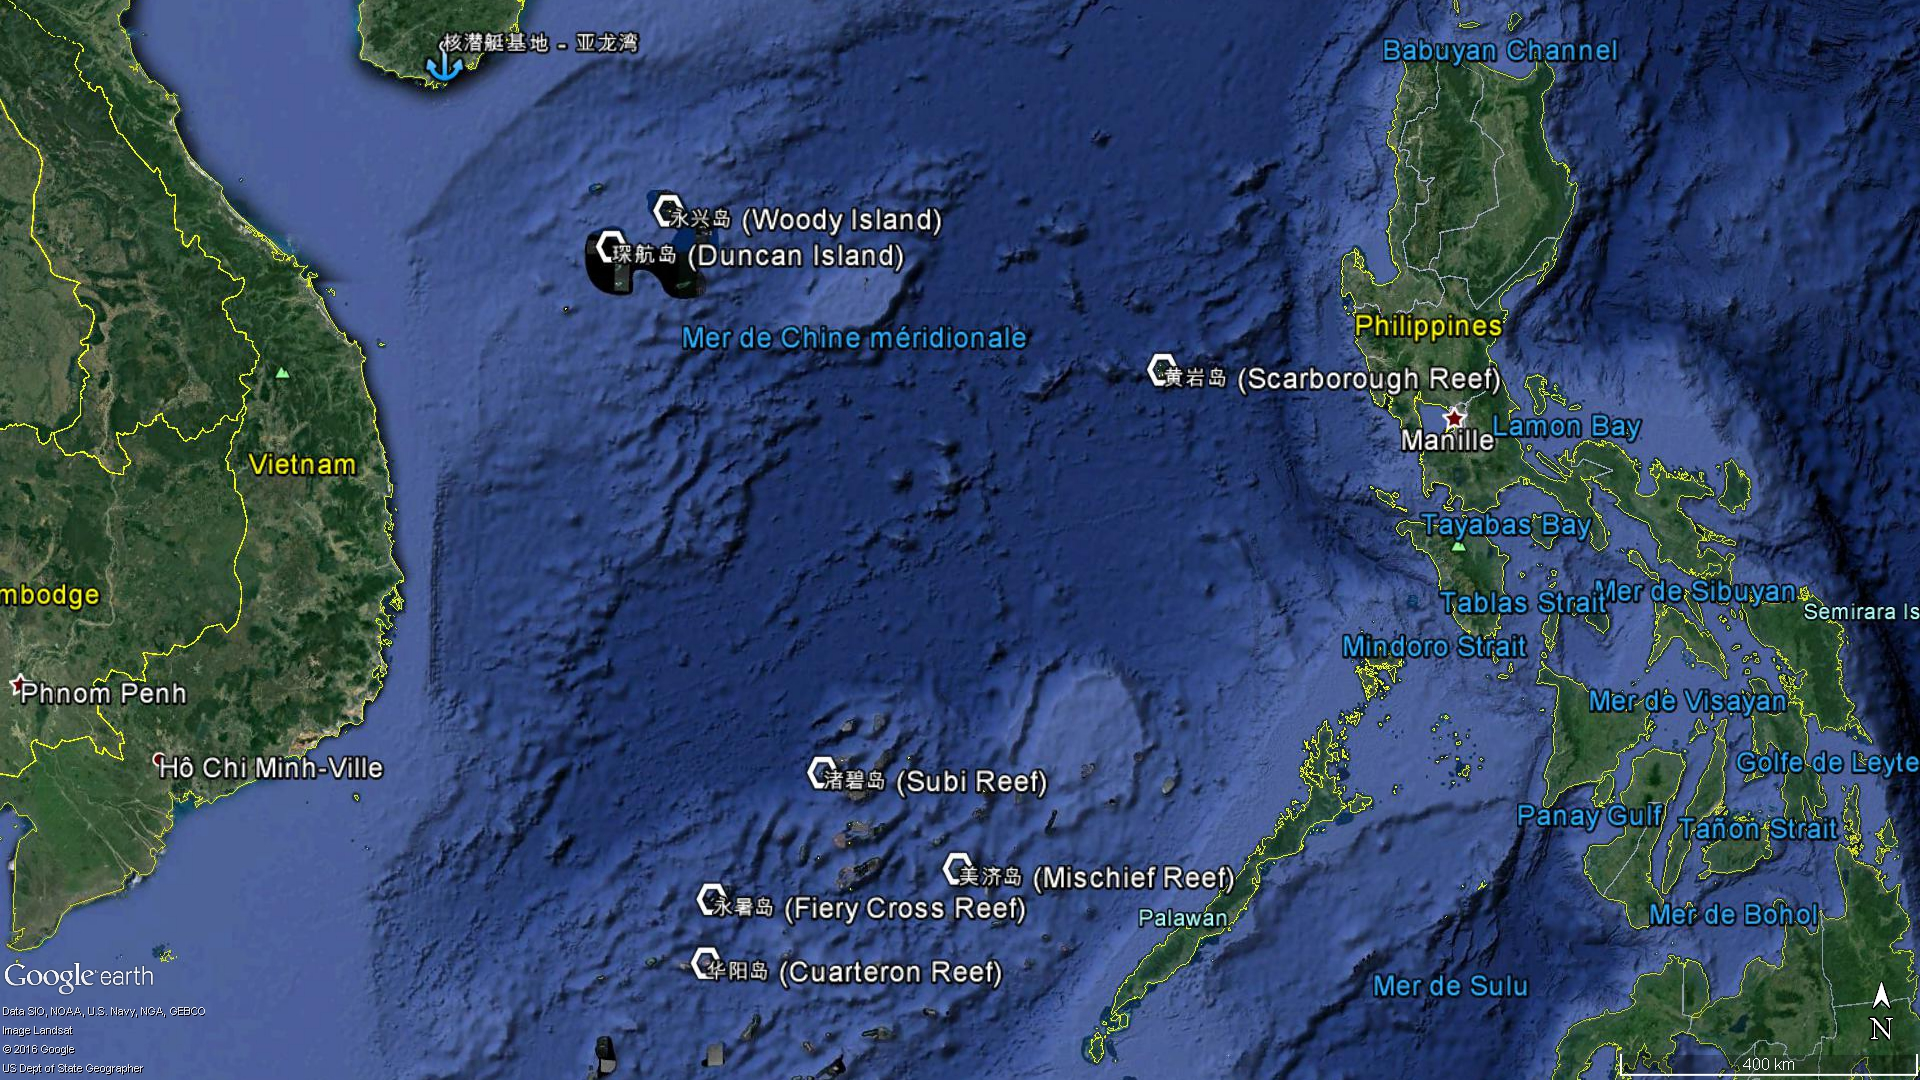 Les principaux îlots chinois en mer de Chine méridionale